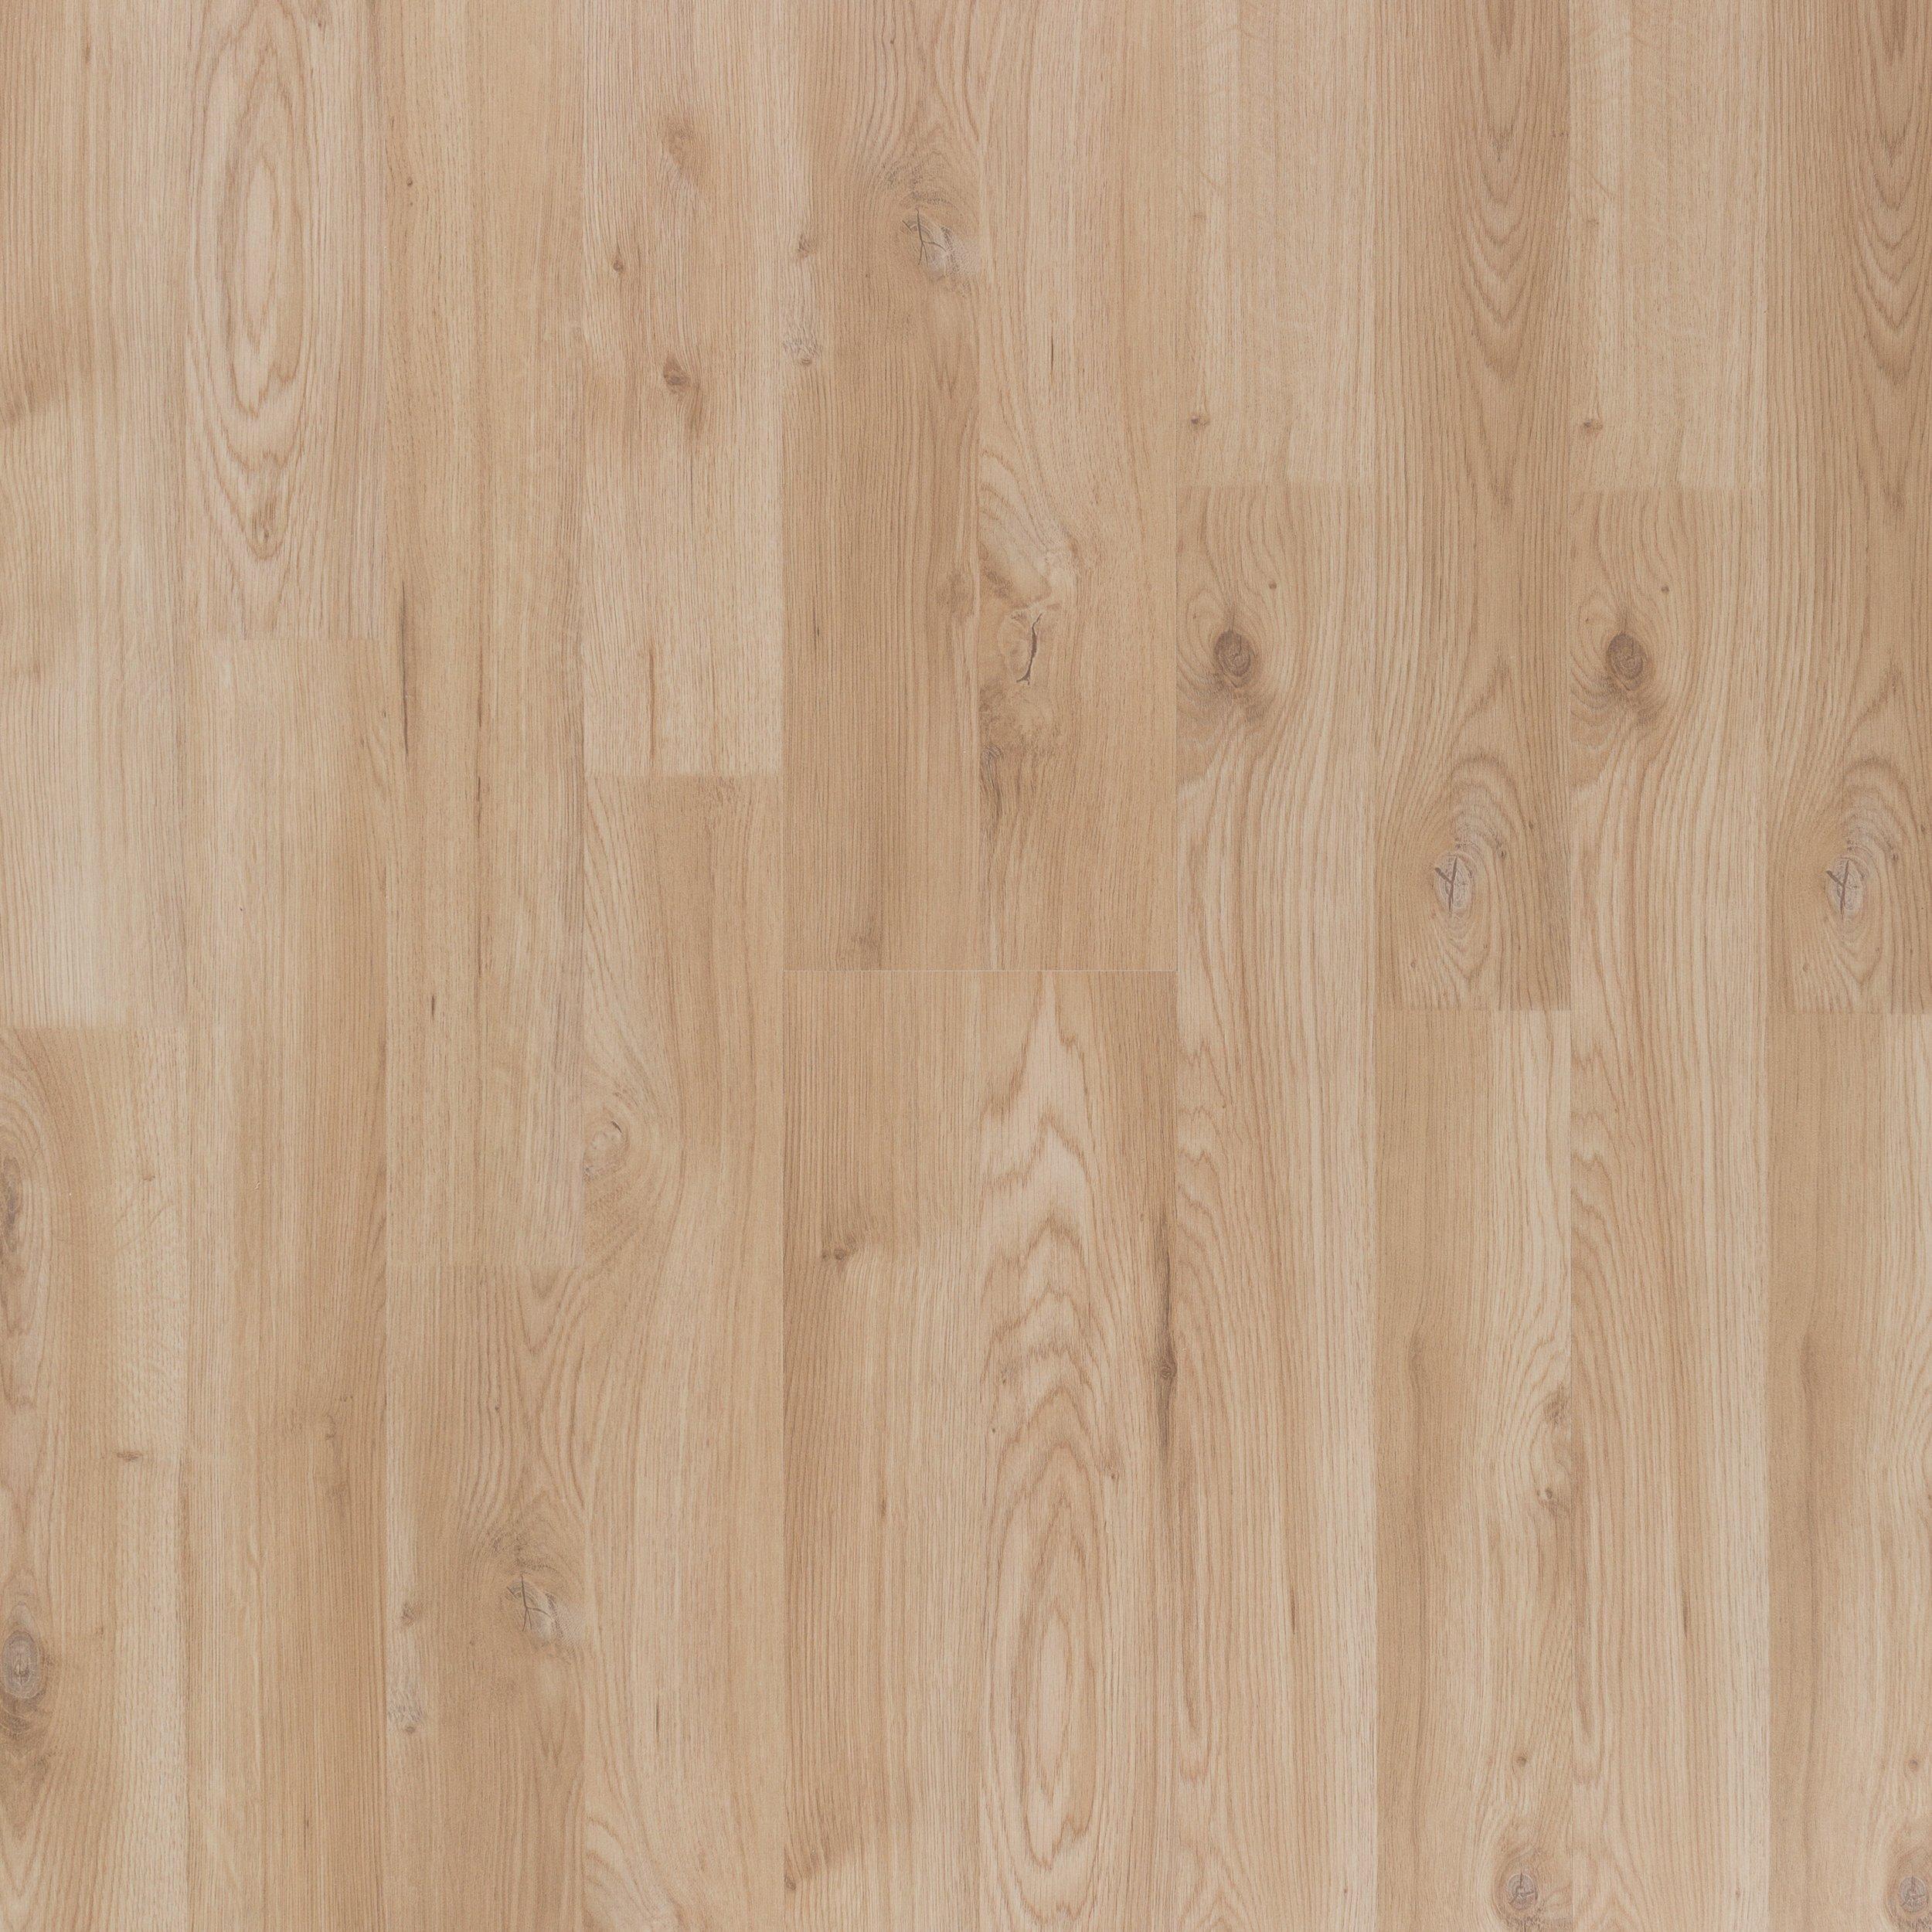 Flooring Laminate: Laminate & Vinyl